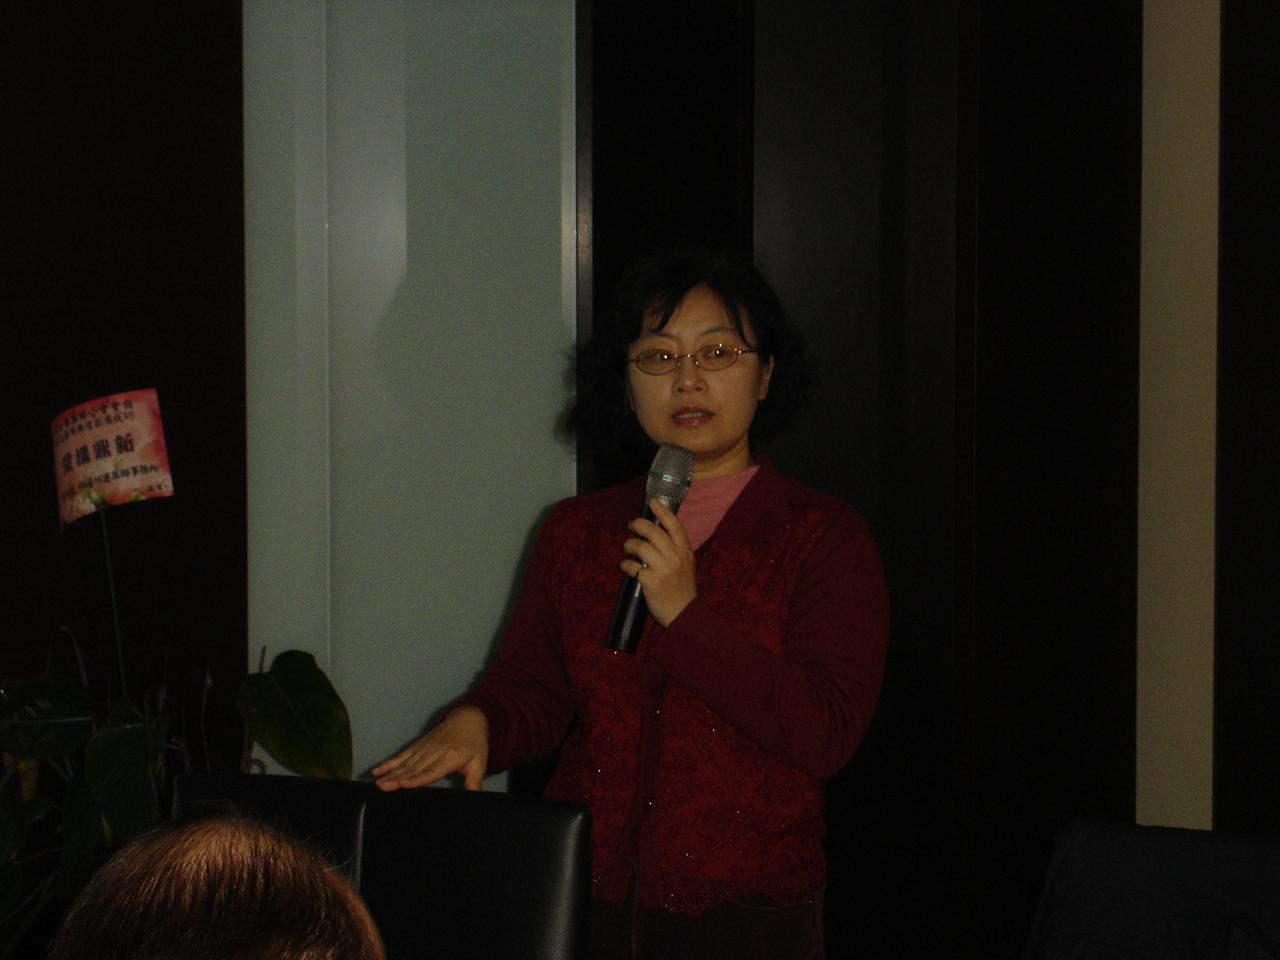 行政院衛生署台北醫院廖玲梅老師為大家帶來「藥品臨床使用劑量與適應症討論」課程